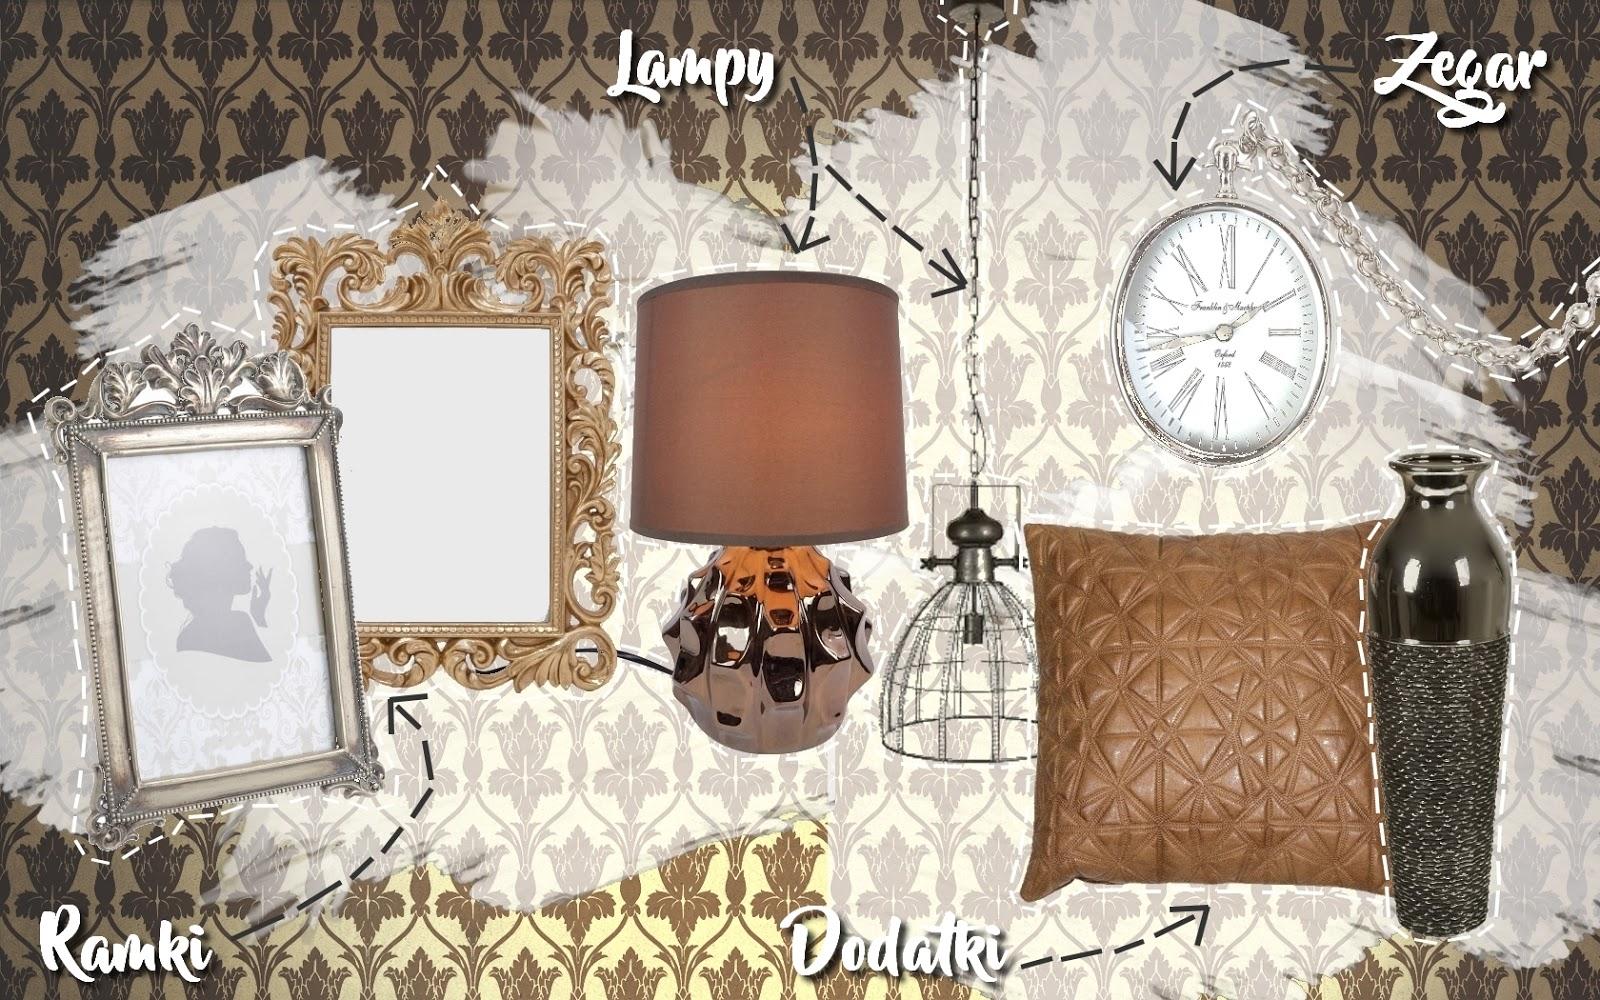 4 ciekawe dodatki do mieszkania w stylu sherlocka holmesa szafki lampki poduszki wazony zegary dodatki melodylaniella westwing w londynskim klimacie